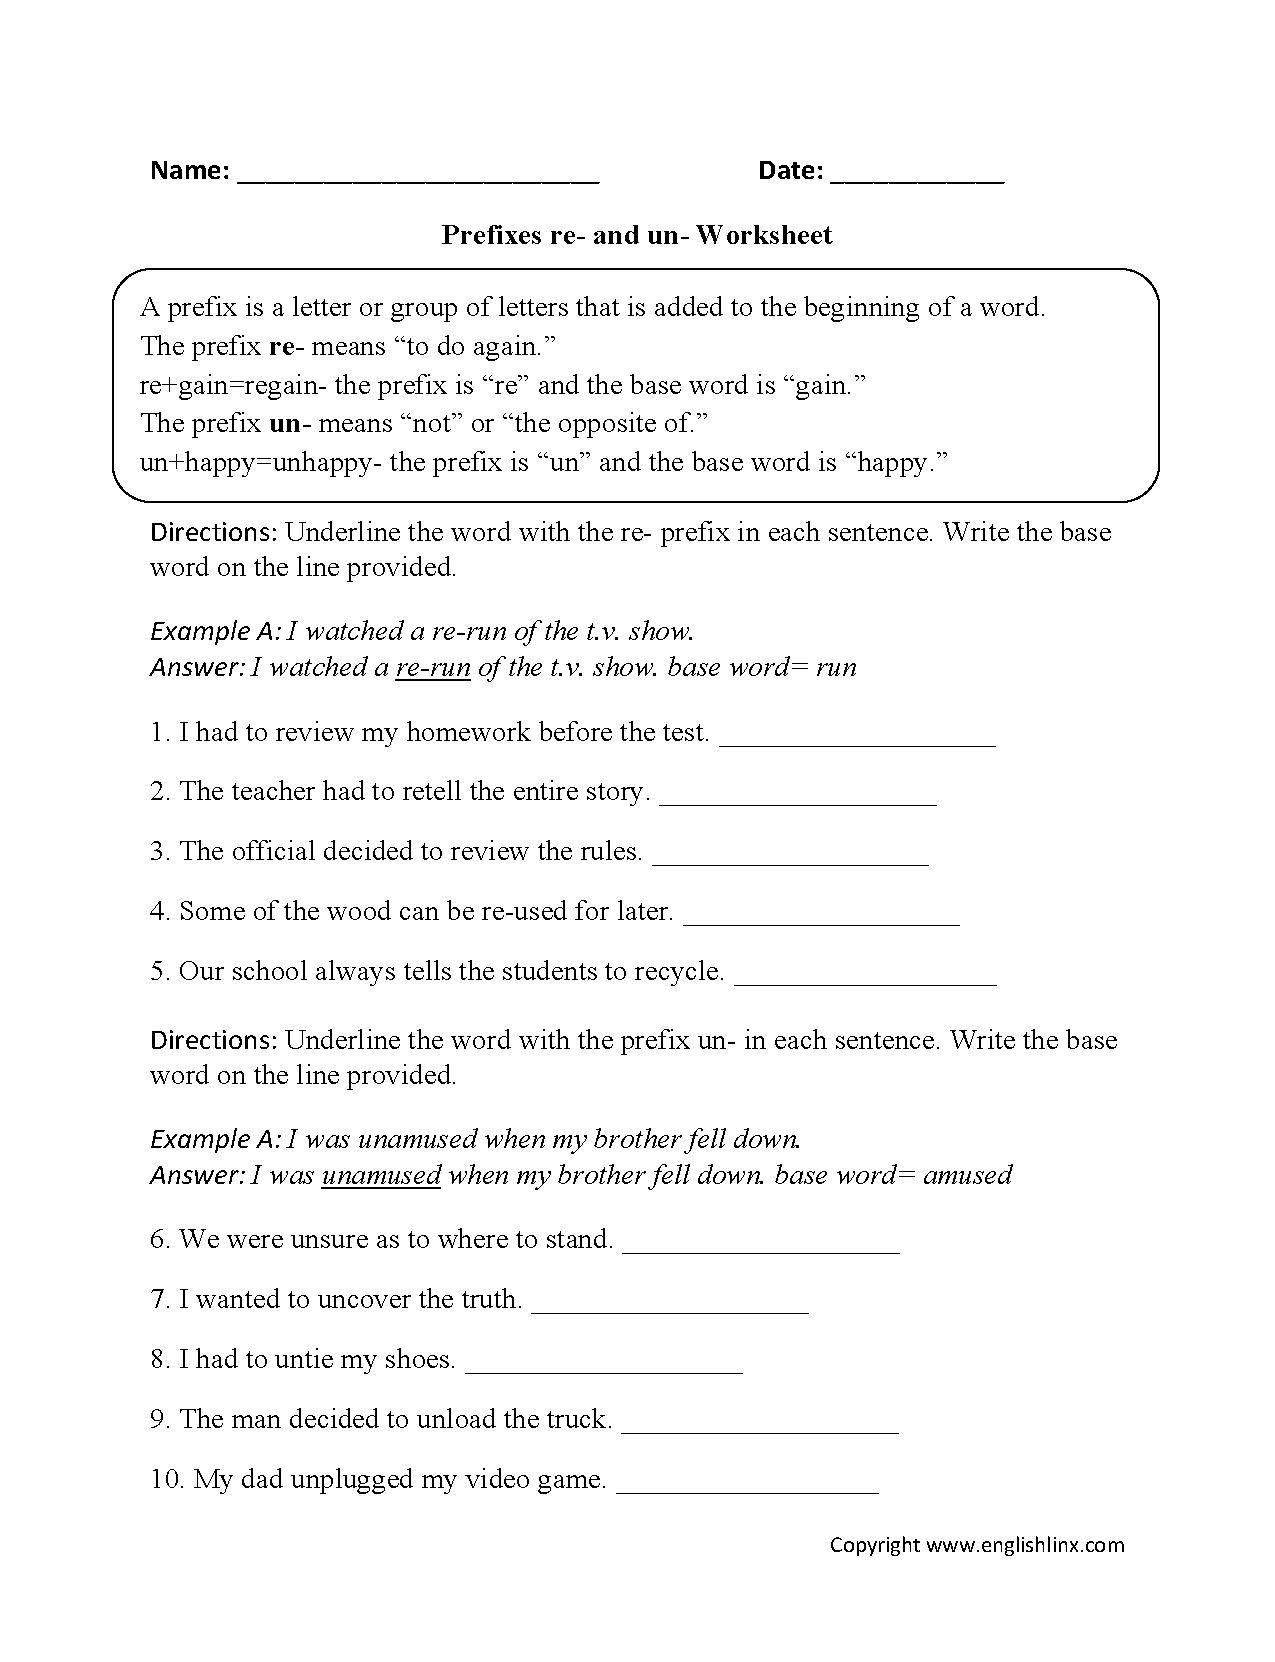 Prefixes Re And Un Worksheets